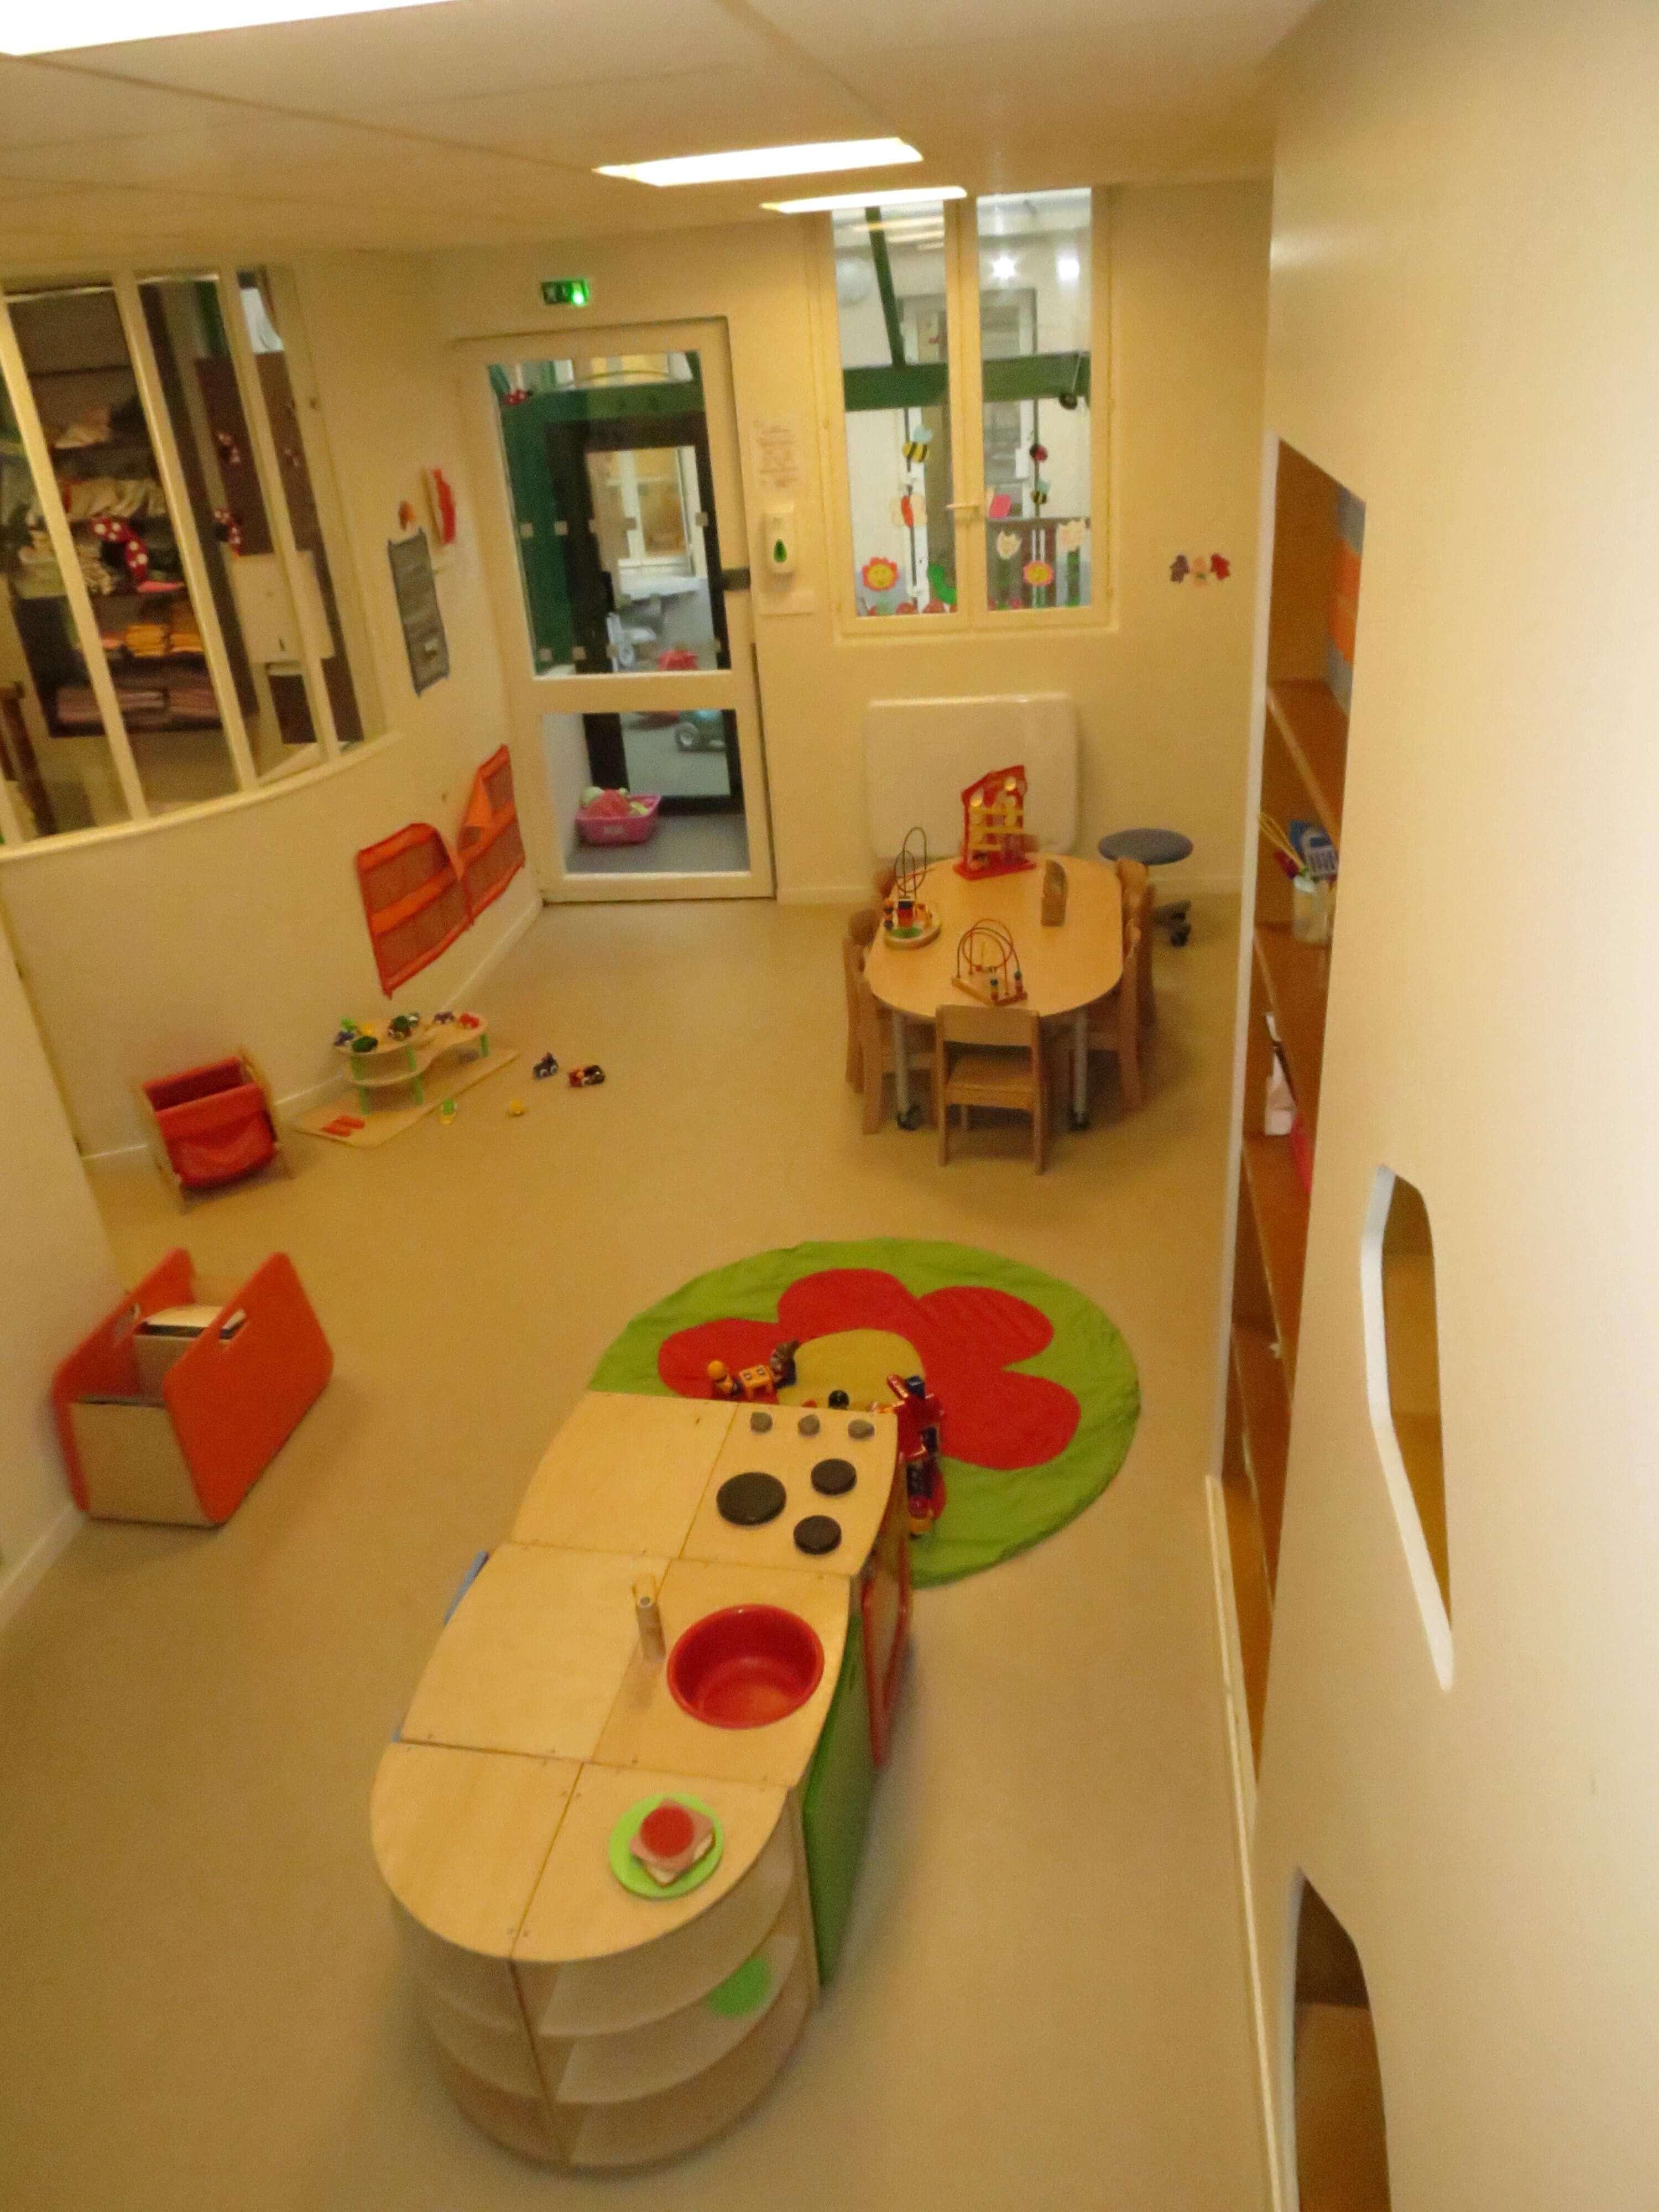 Recrutement: Multi accueil Apennins - Educateur(trice) de jeunes enfants F/H chez UDAF 75 à Paris